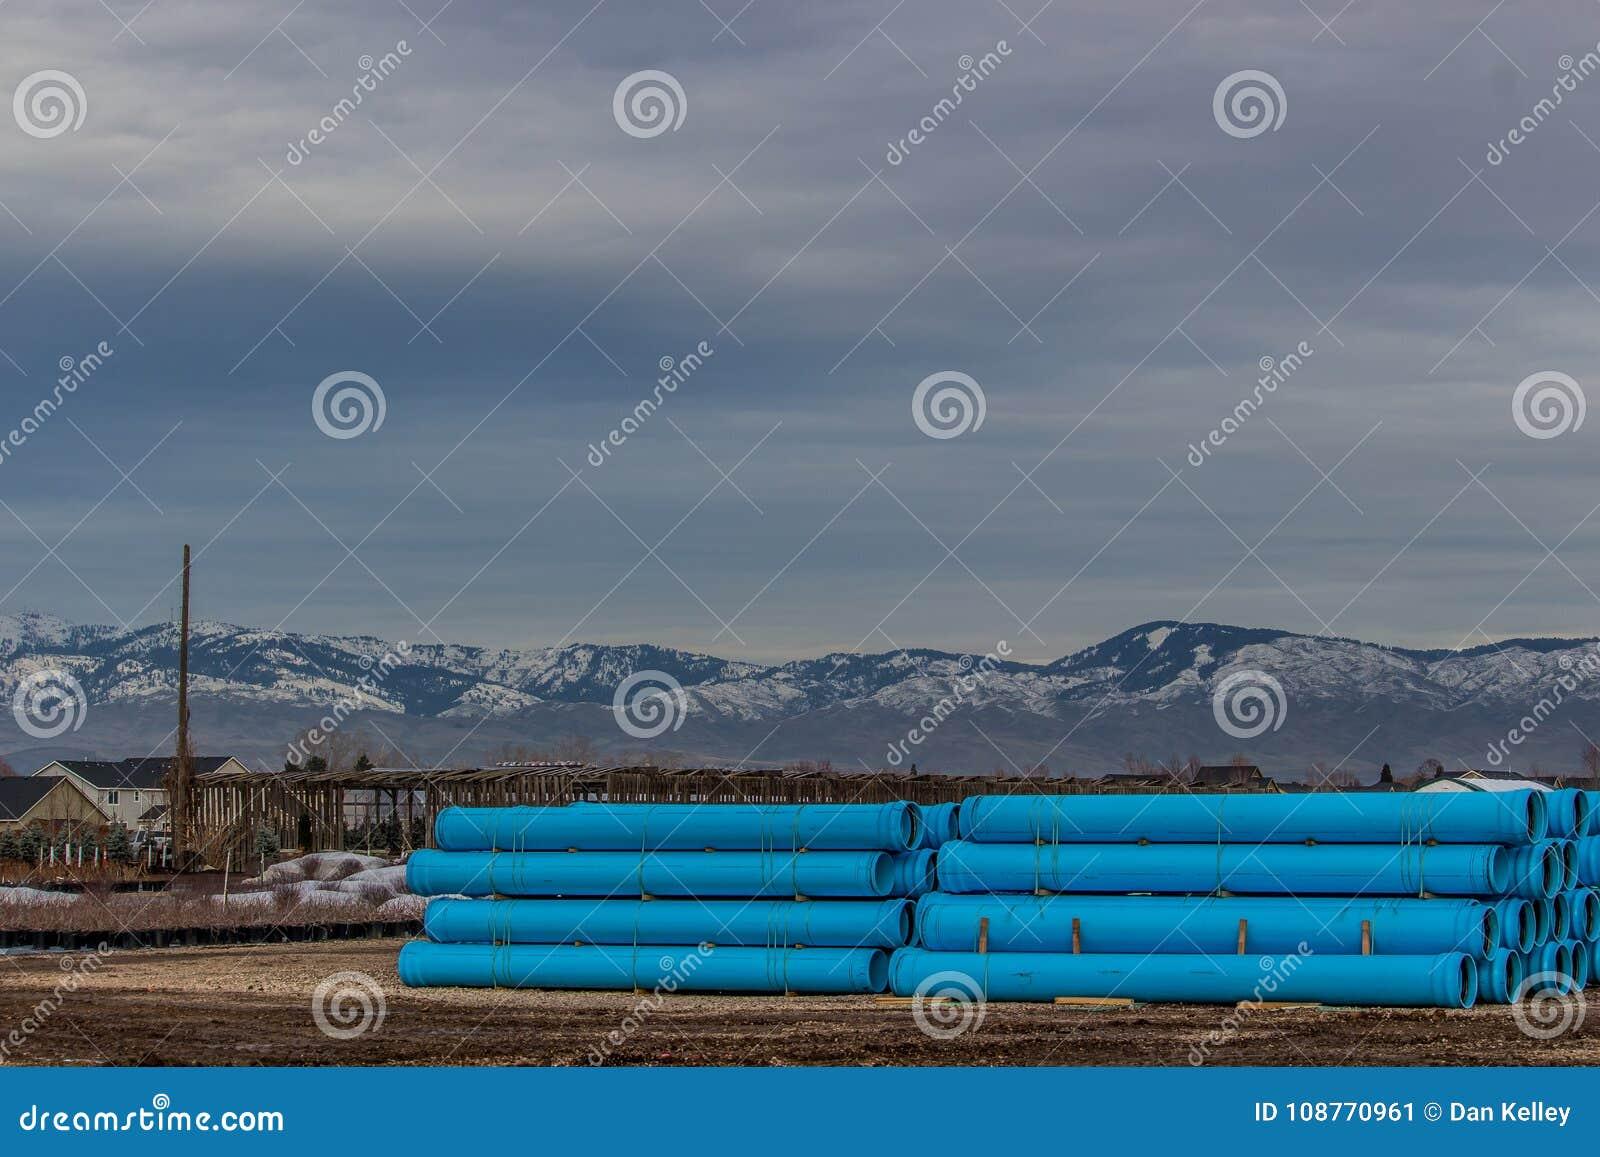 Tubulação de dreno encenada para a construção de estradas do inverno em Boise Idaho